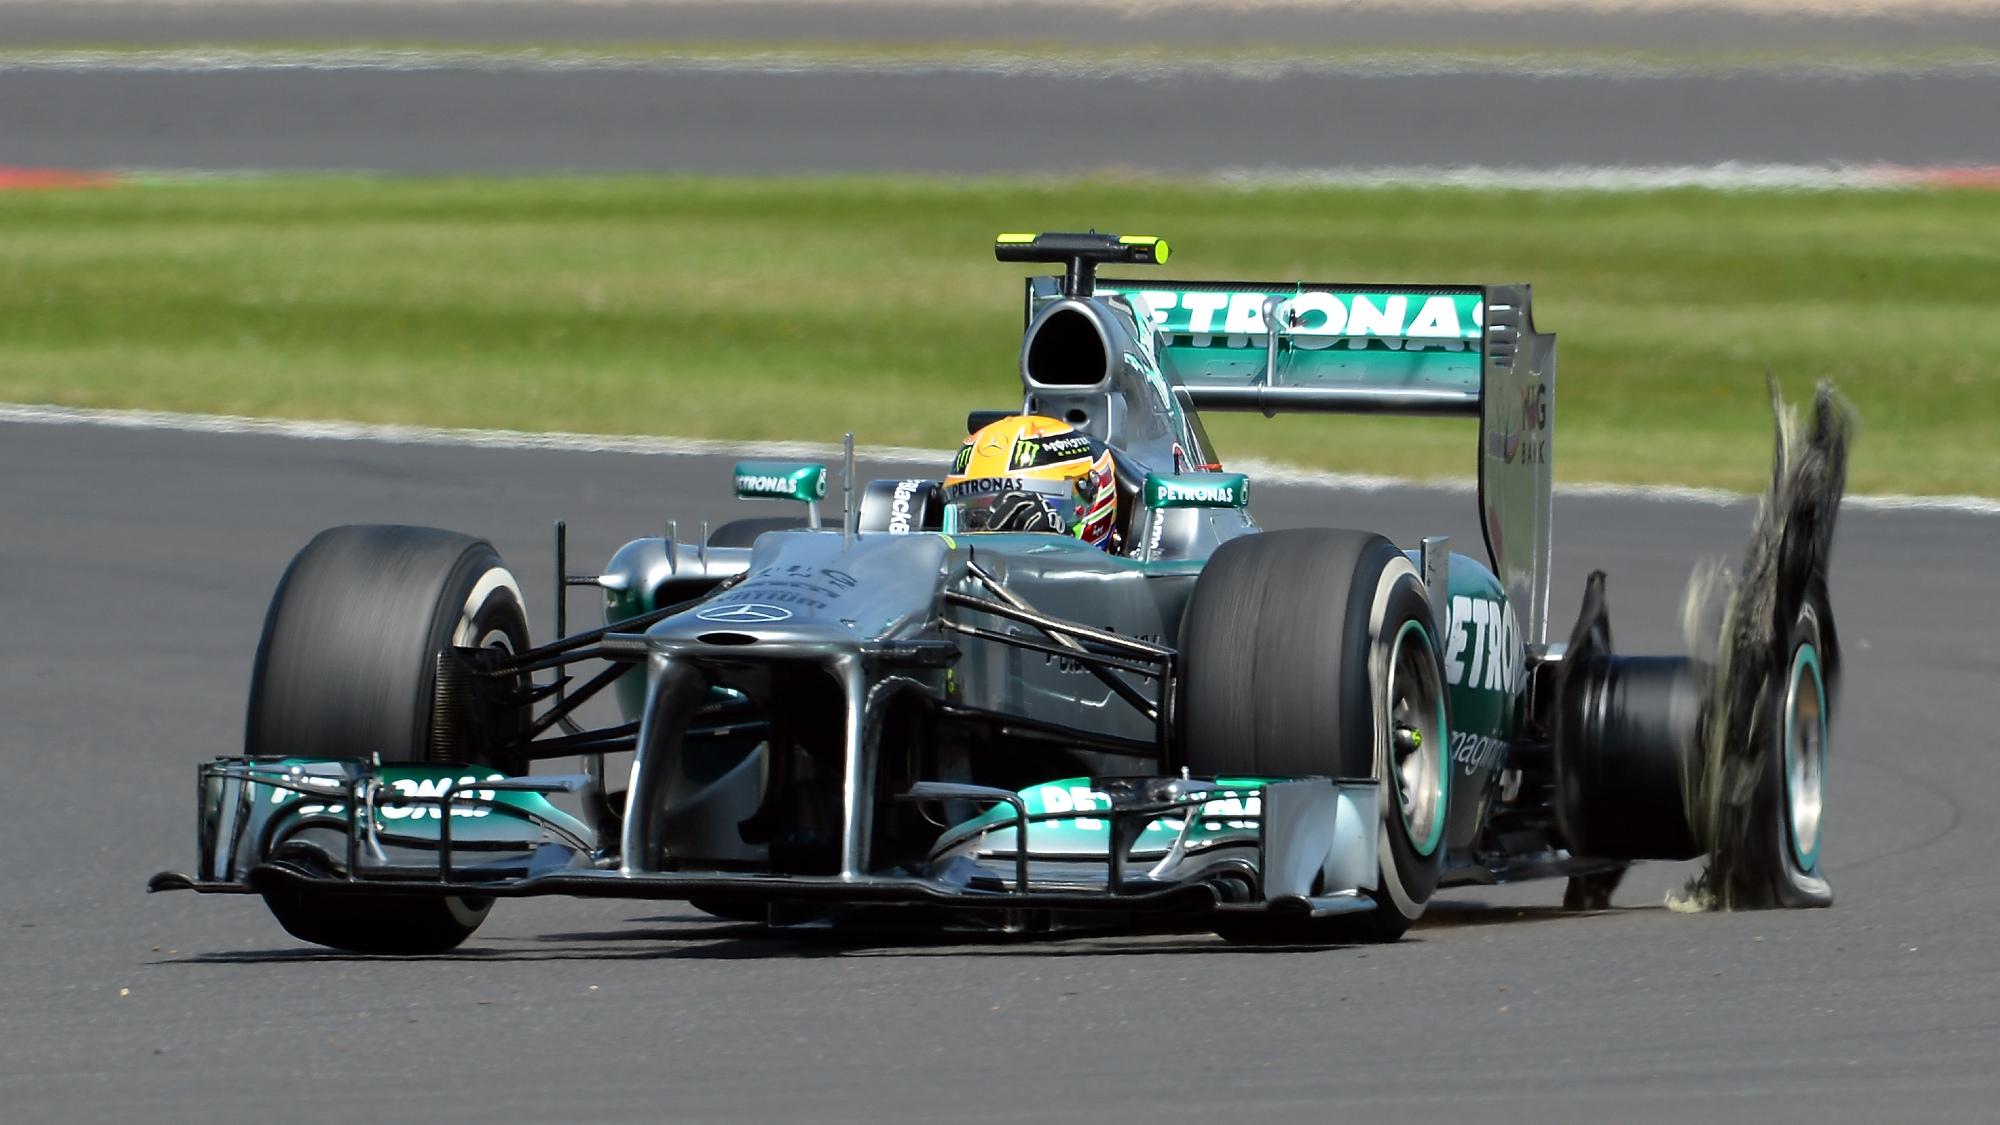 2013 British GP, Lewis Hamilton